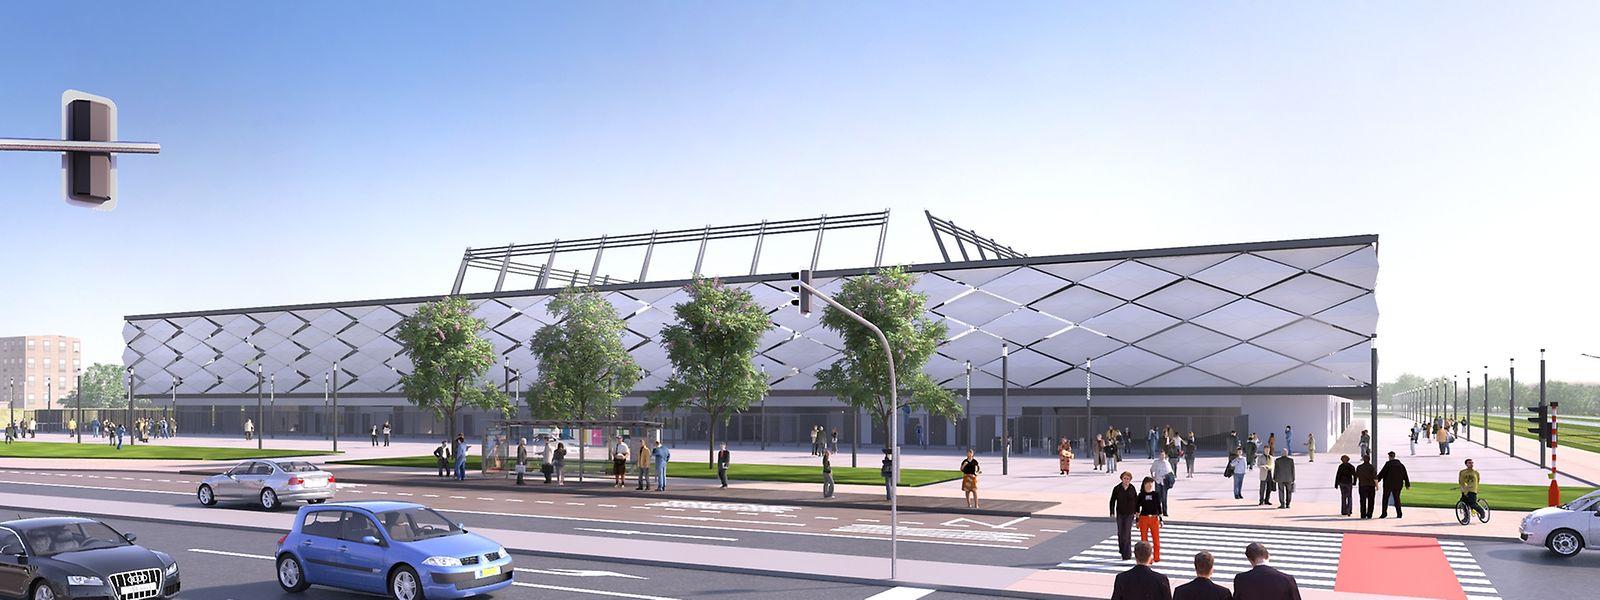 Blick auf das neue nationale Stadion, das Ende 2019 eröffnet werden soll.